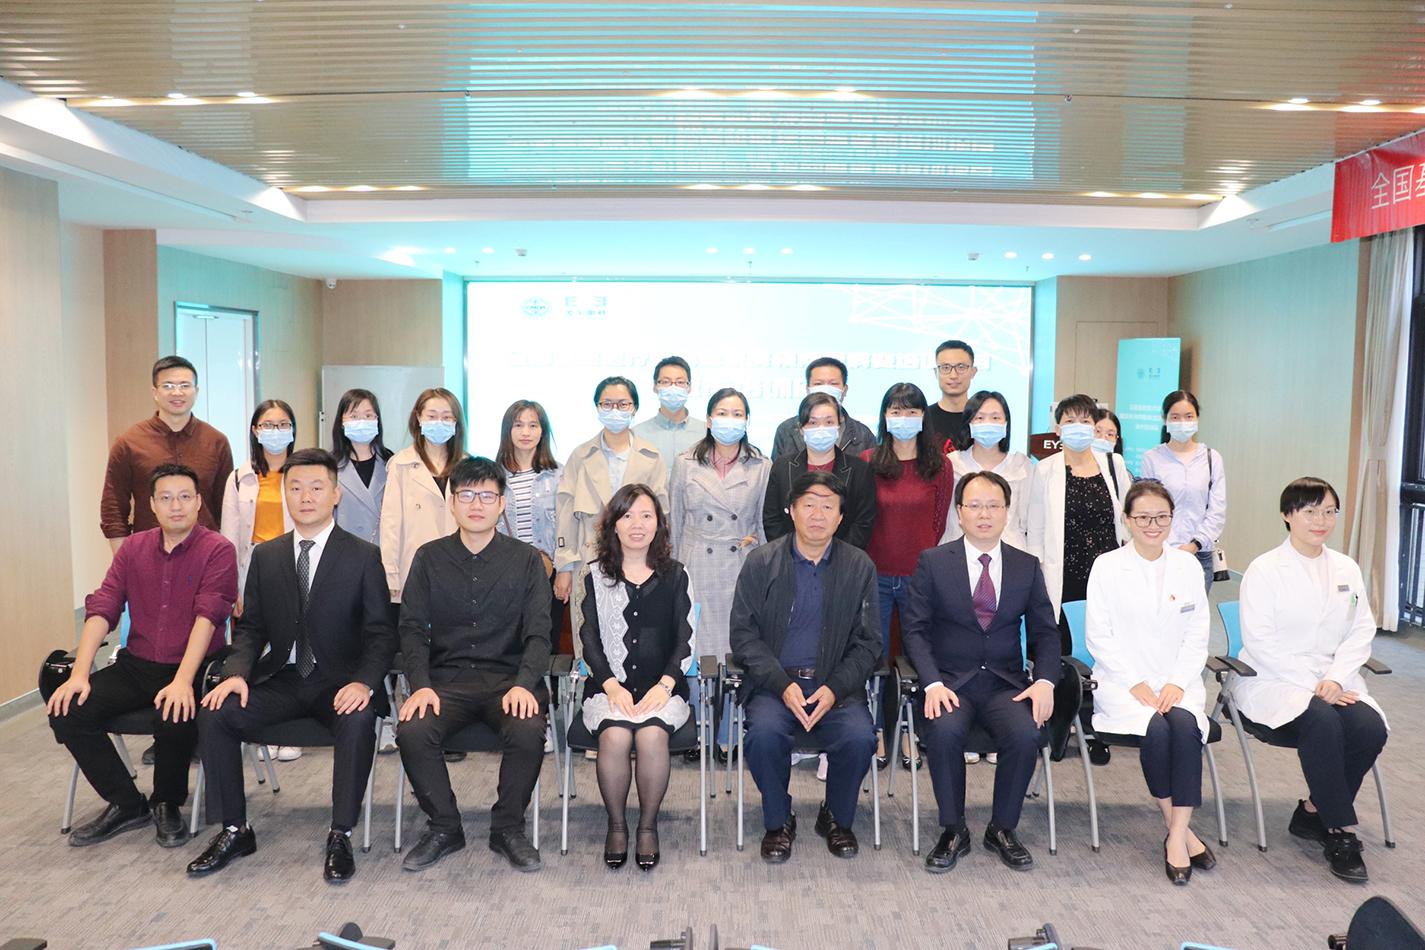 全国基层医疗机构糖尿病视网膜病变培训项目城市培训会成功举办